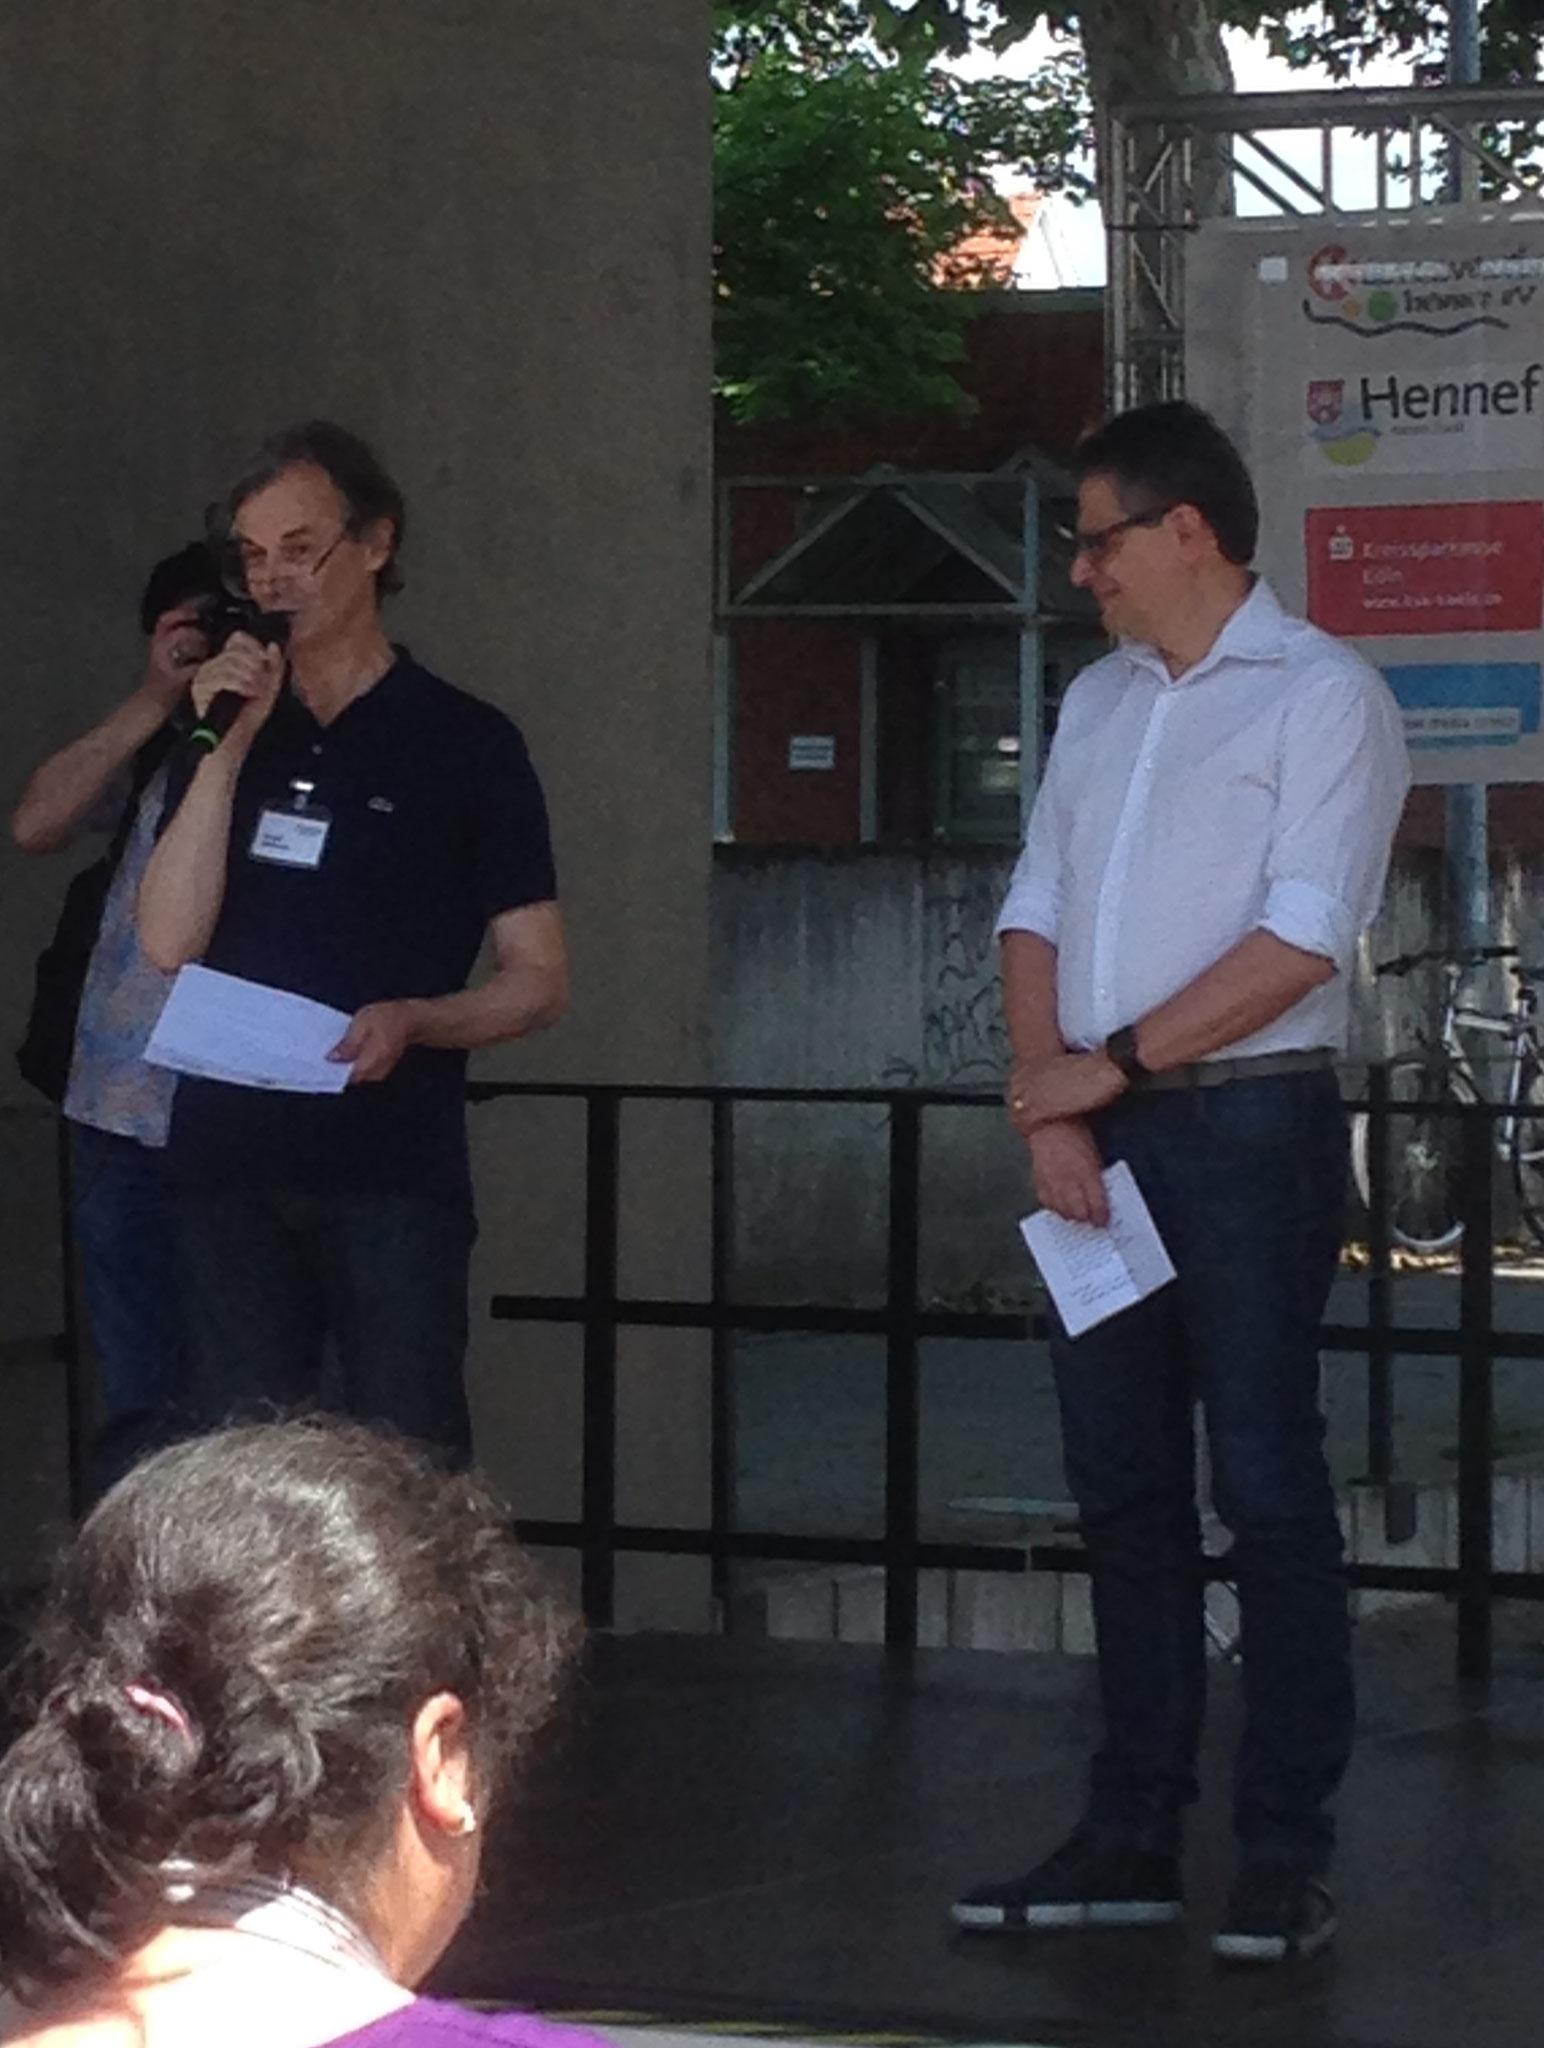 Begrüßung und Einführung durch Gerald Steinmetz und Klaus Pipke